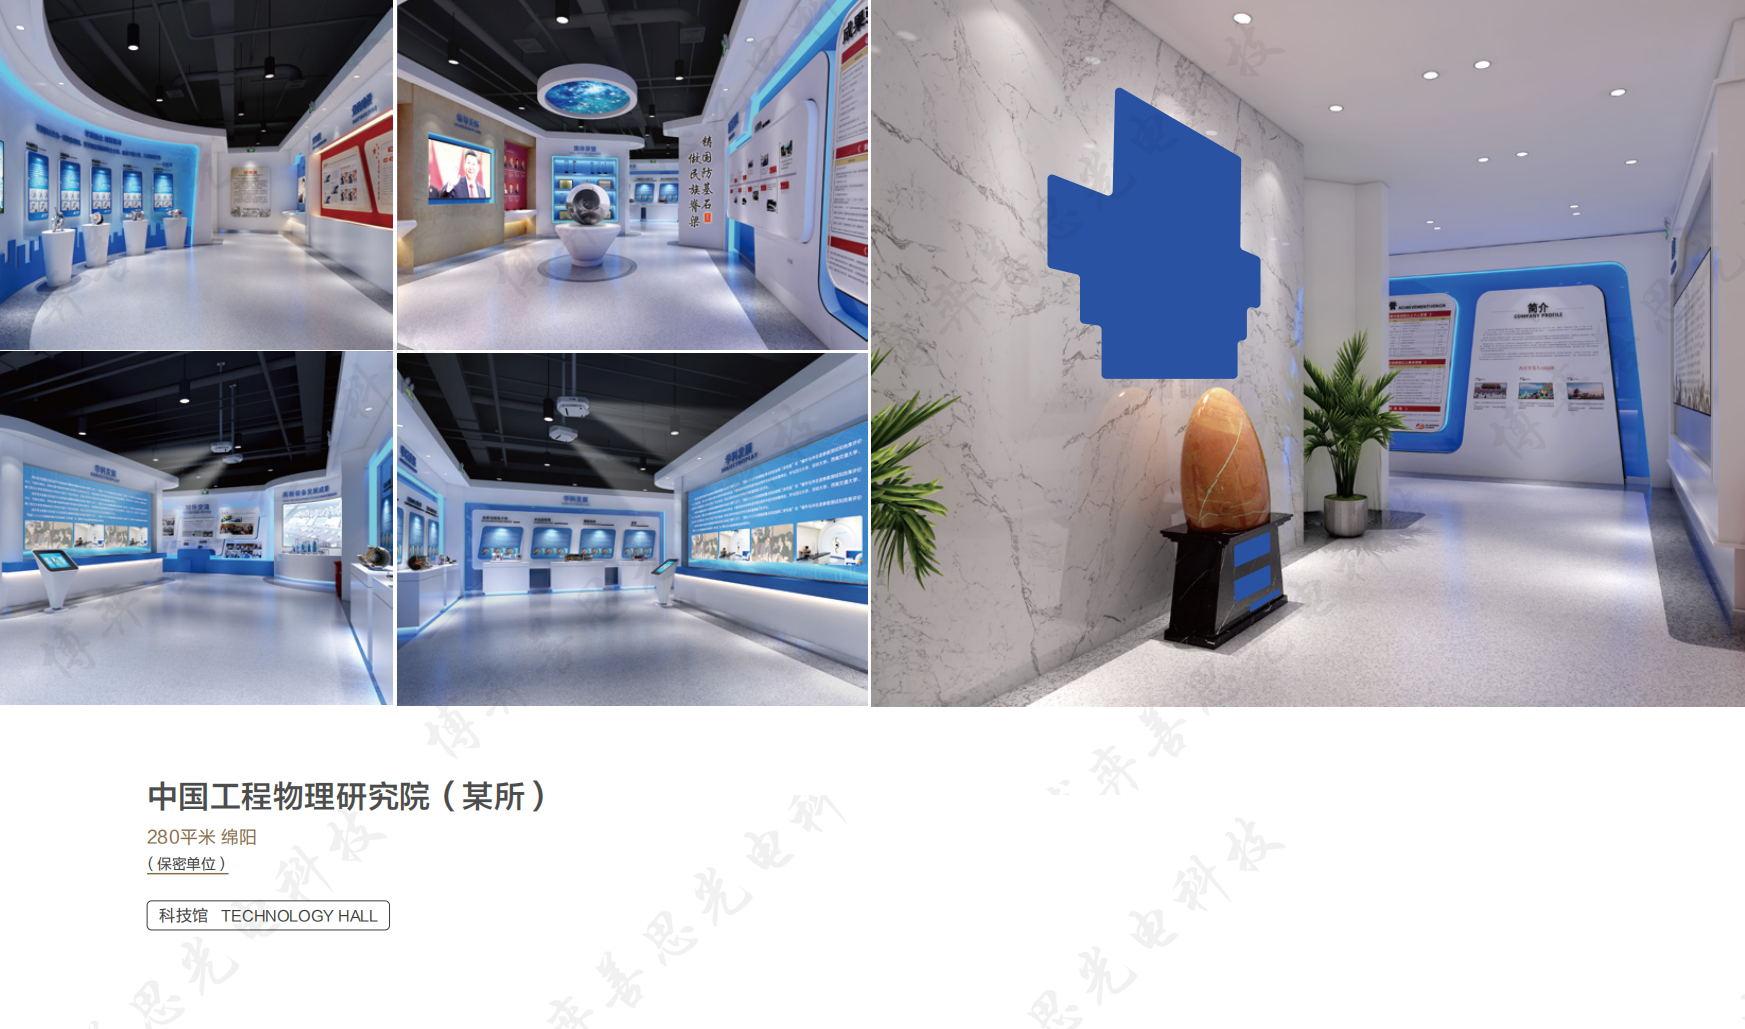 中国工程物理研究院(某所)